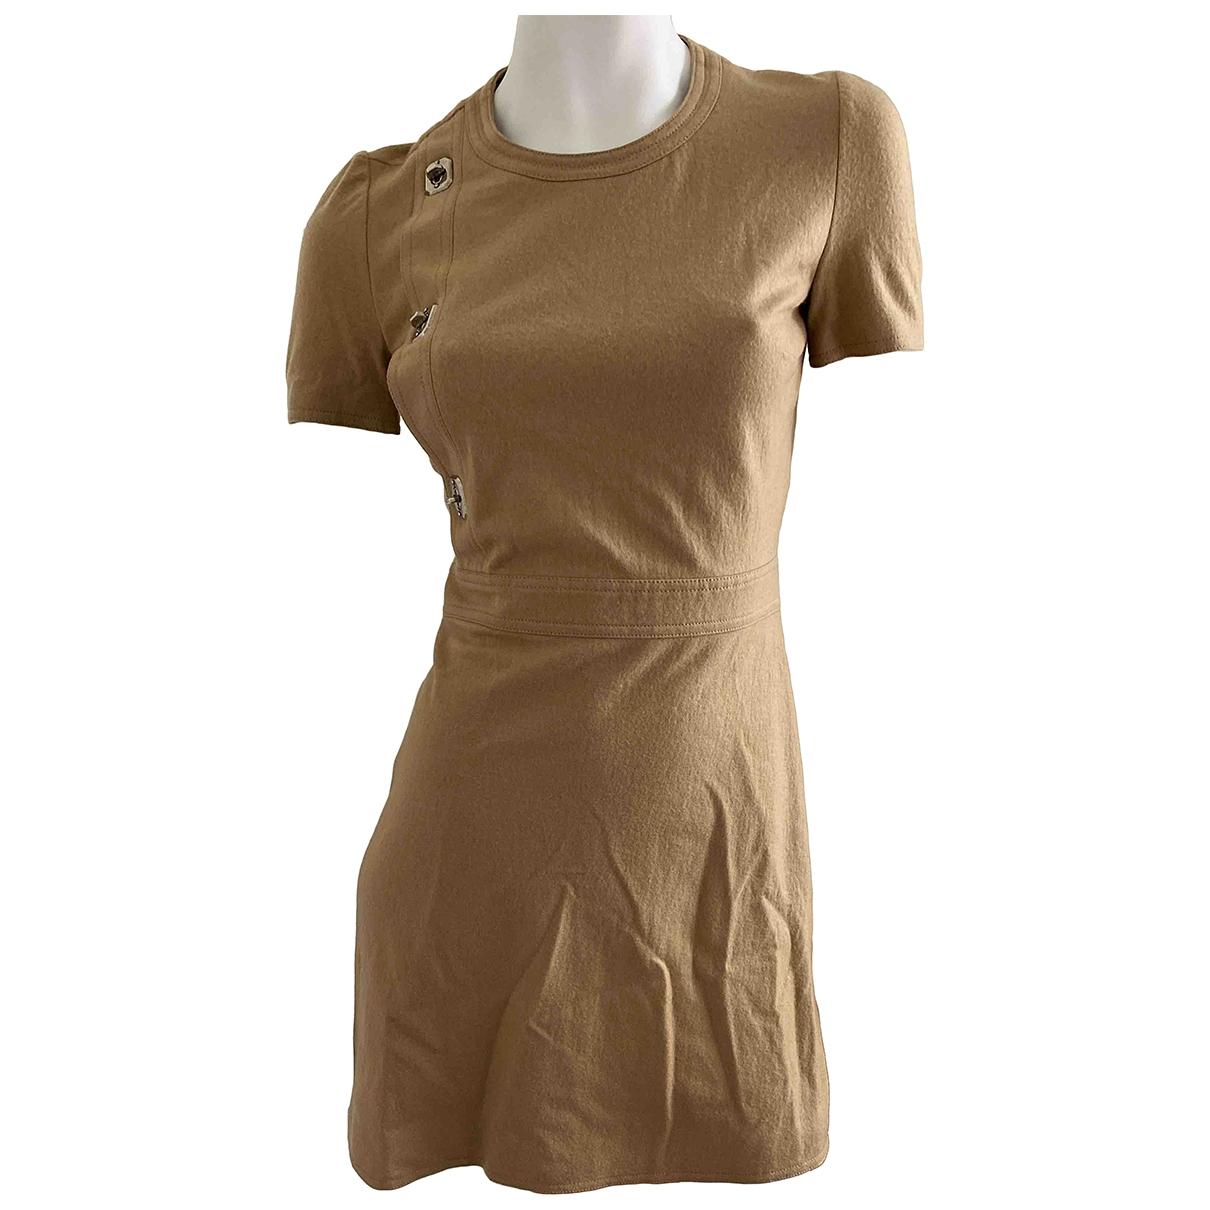 Gucci \N Kleid in  Beige Wolle